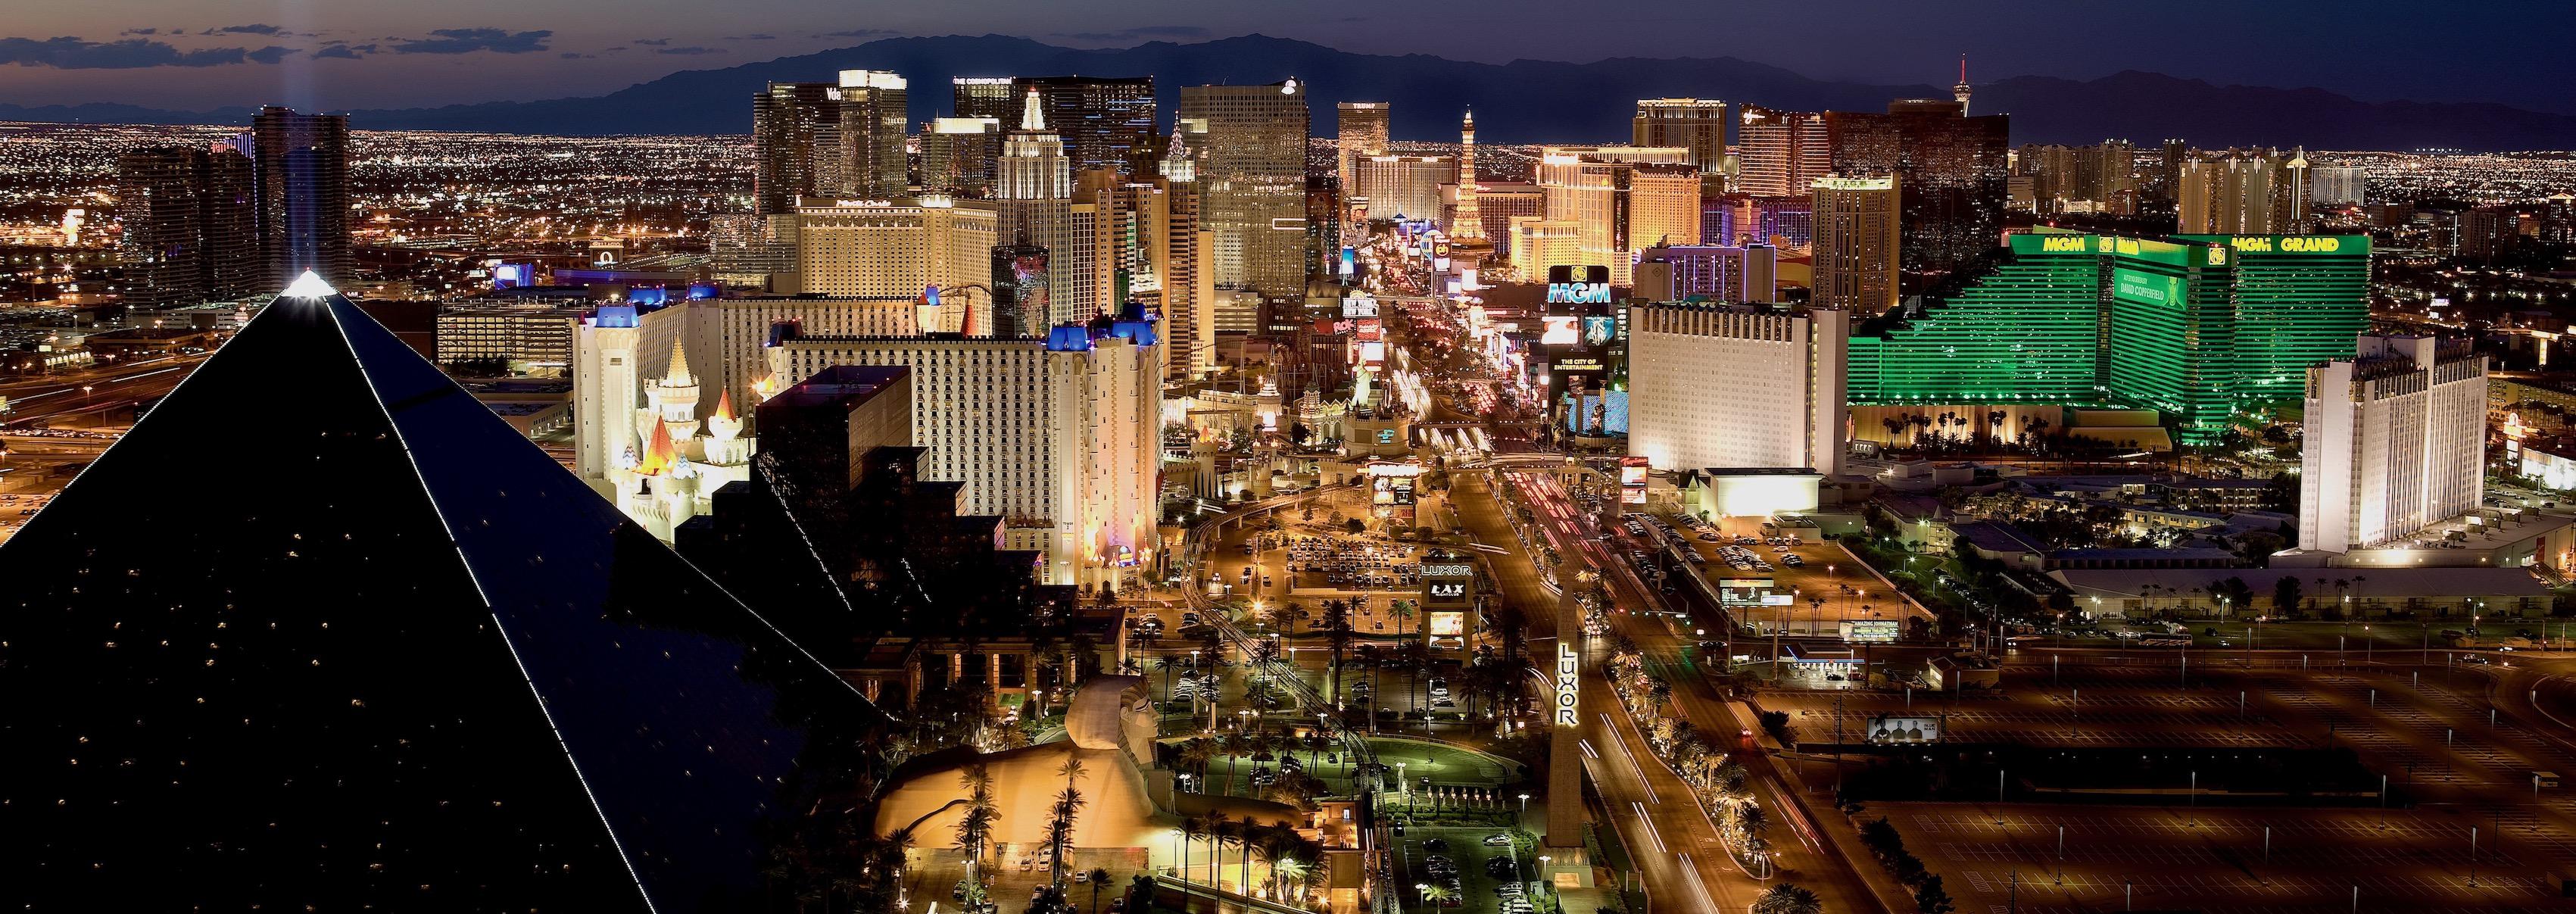 Opportunities in Las Vegas, NV